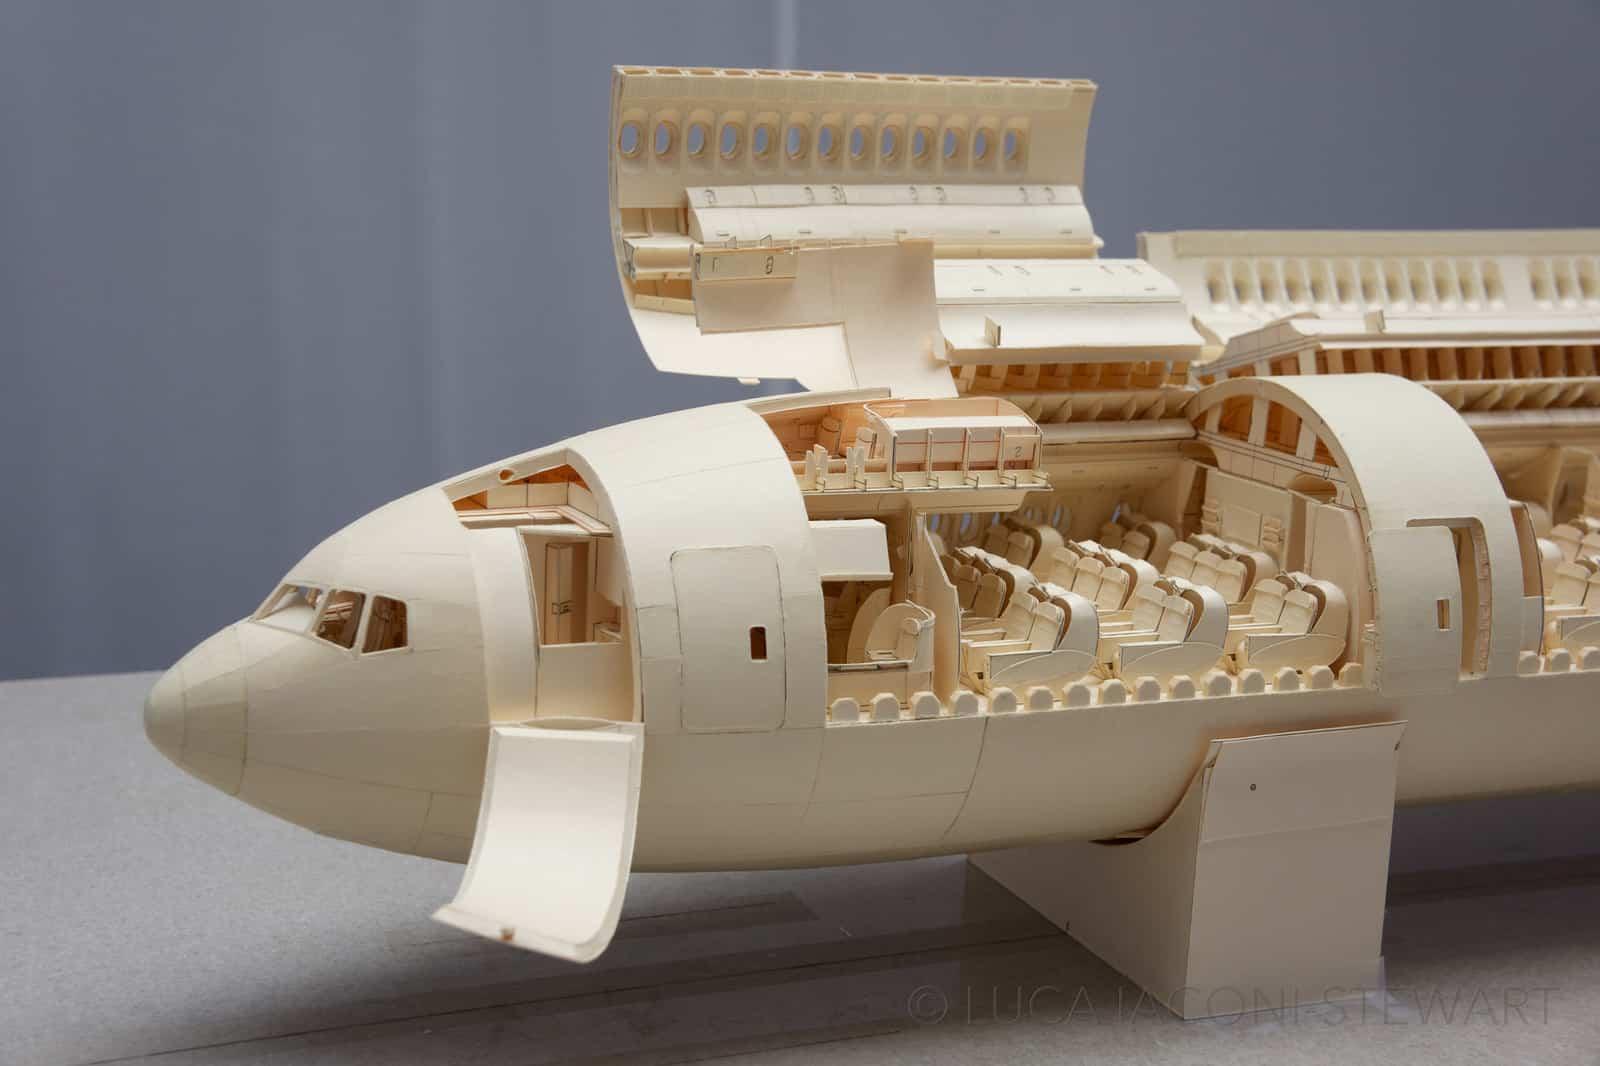 設計師用紙砌出 1:60 波音 777 型客機